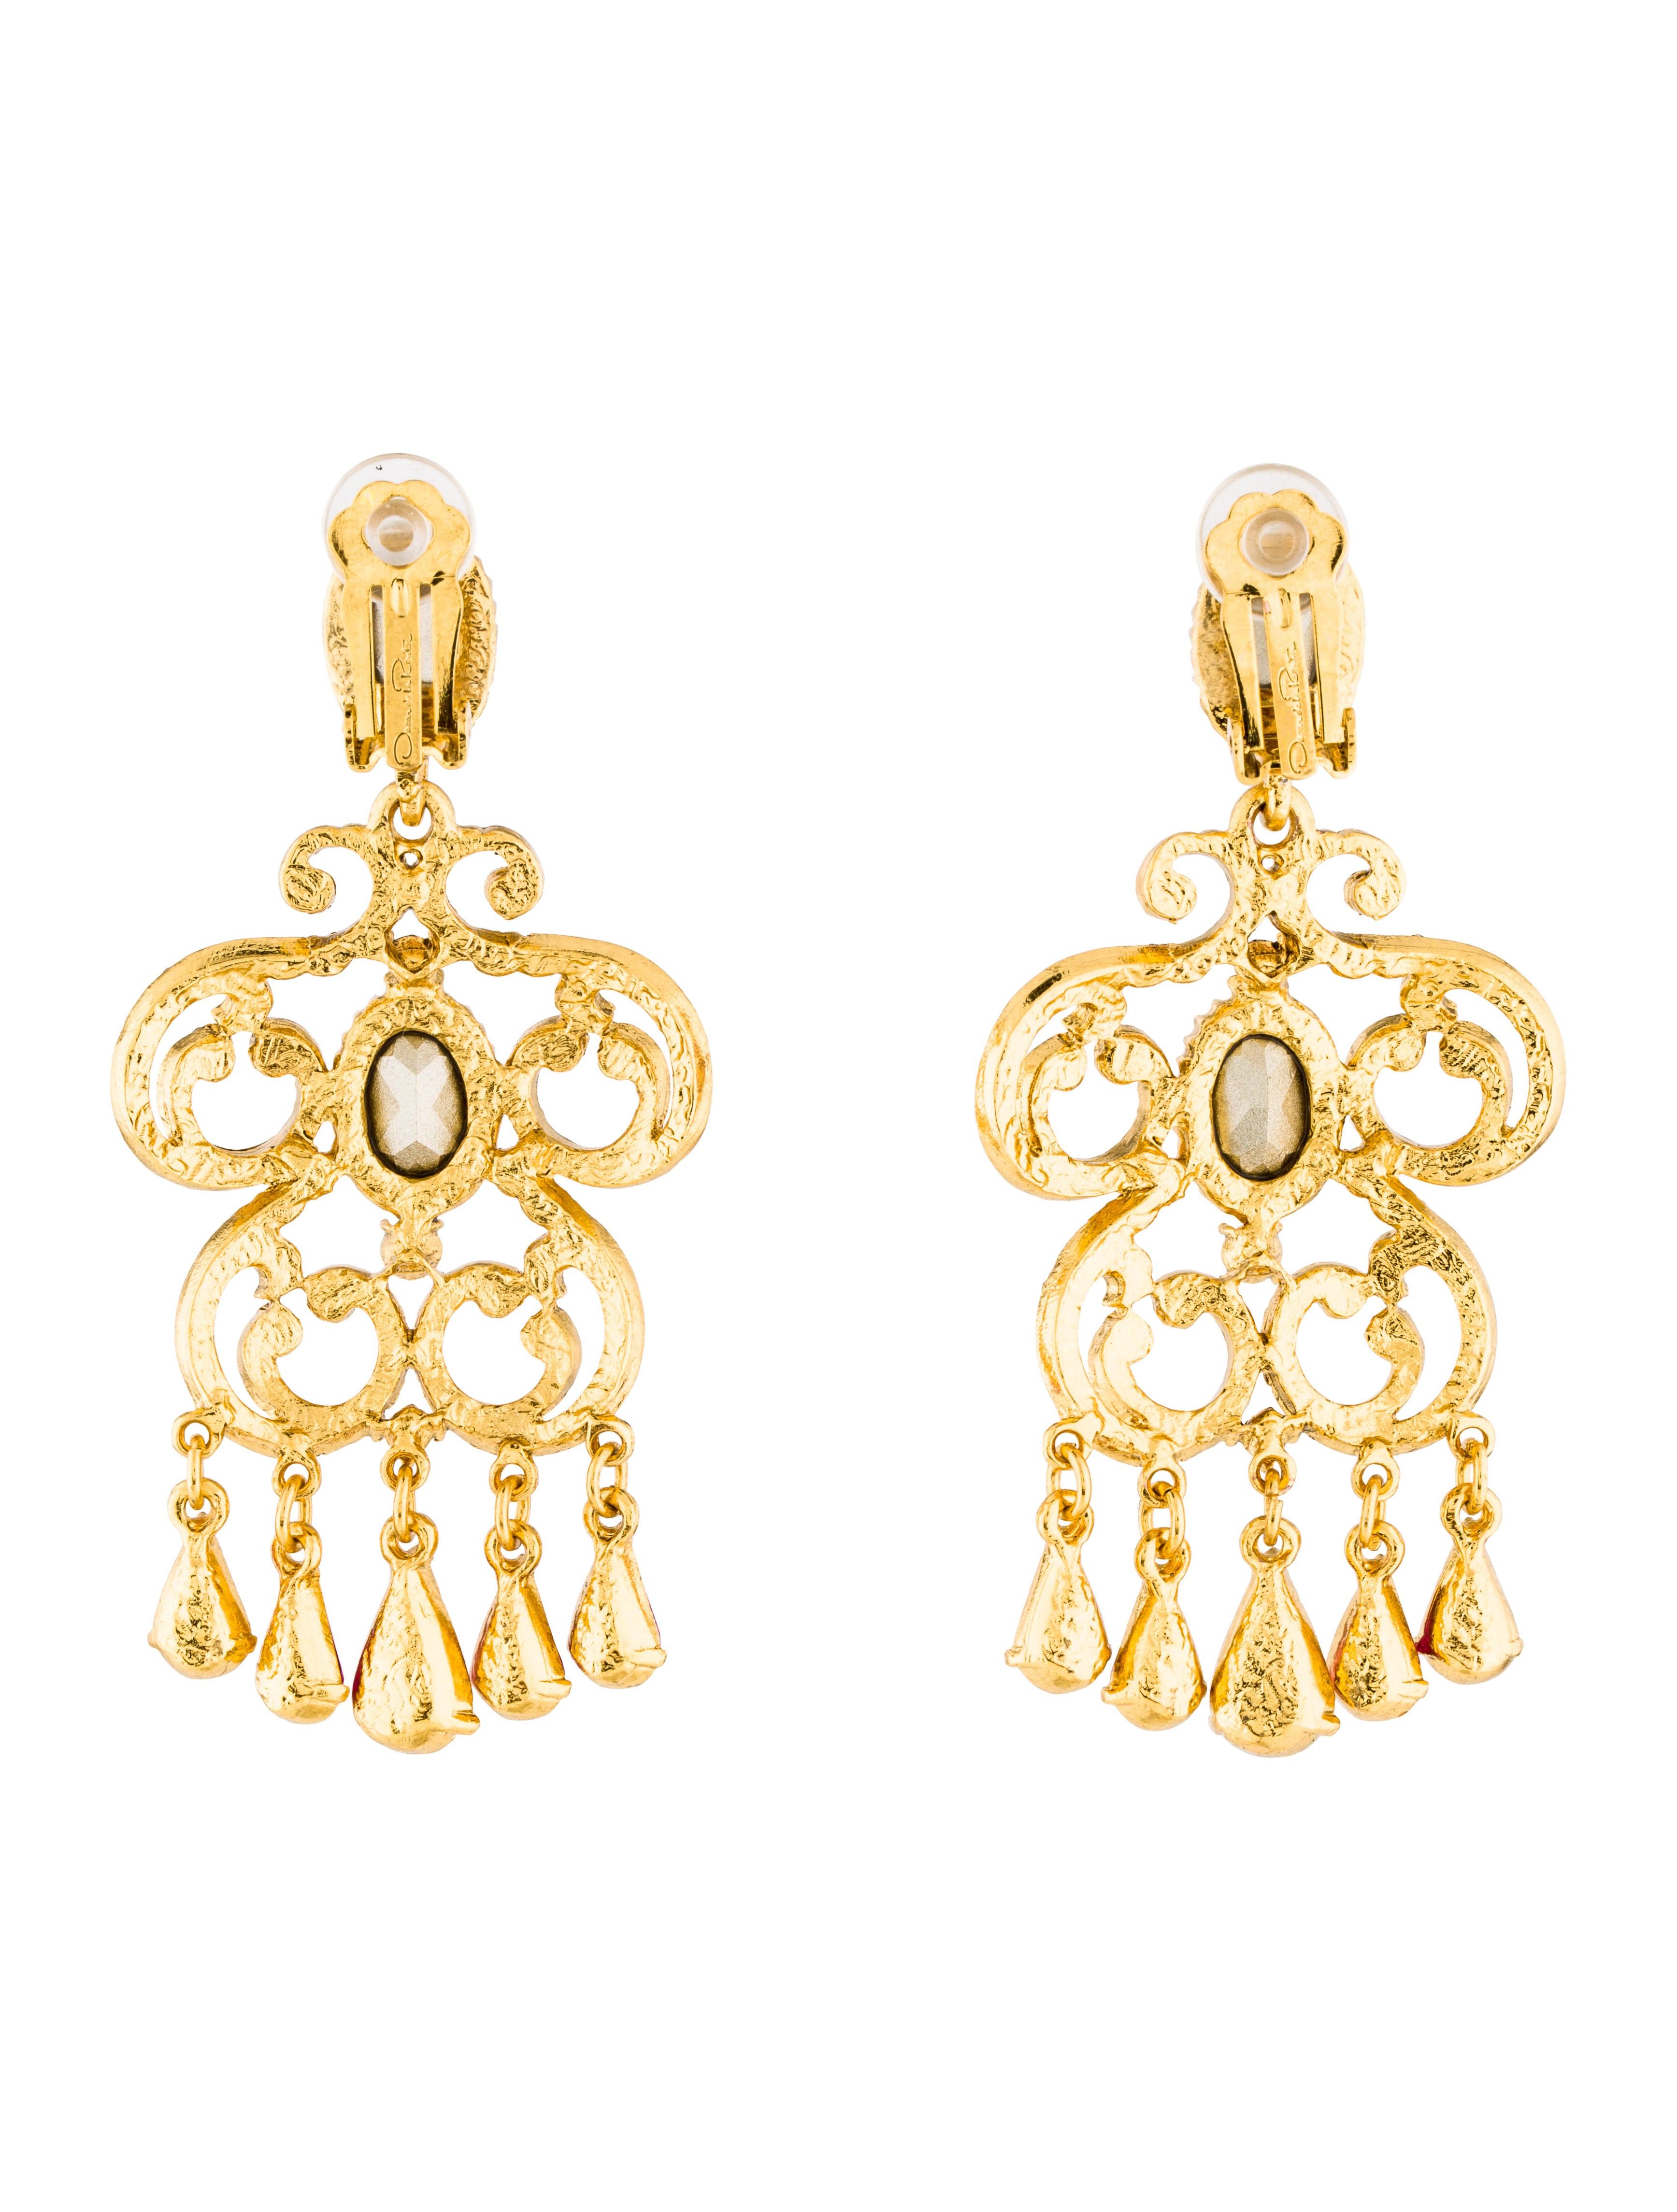 Oscar de la renta crystal chandelier earrings earrings for Oscar de la renta candles